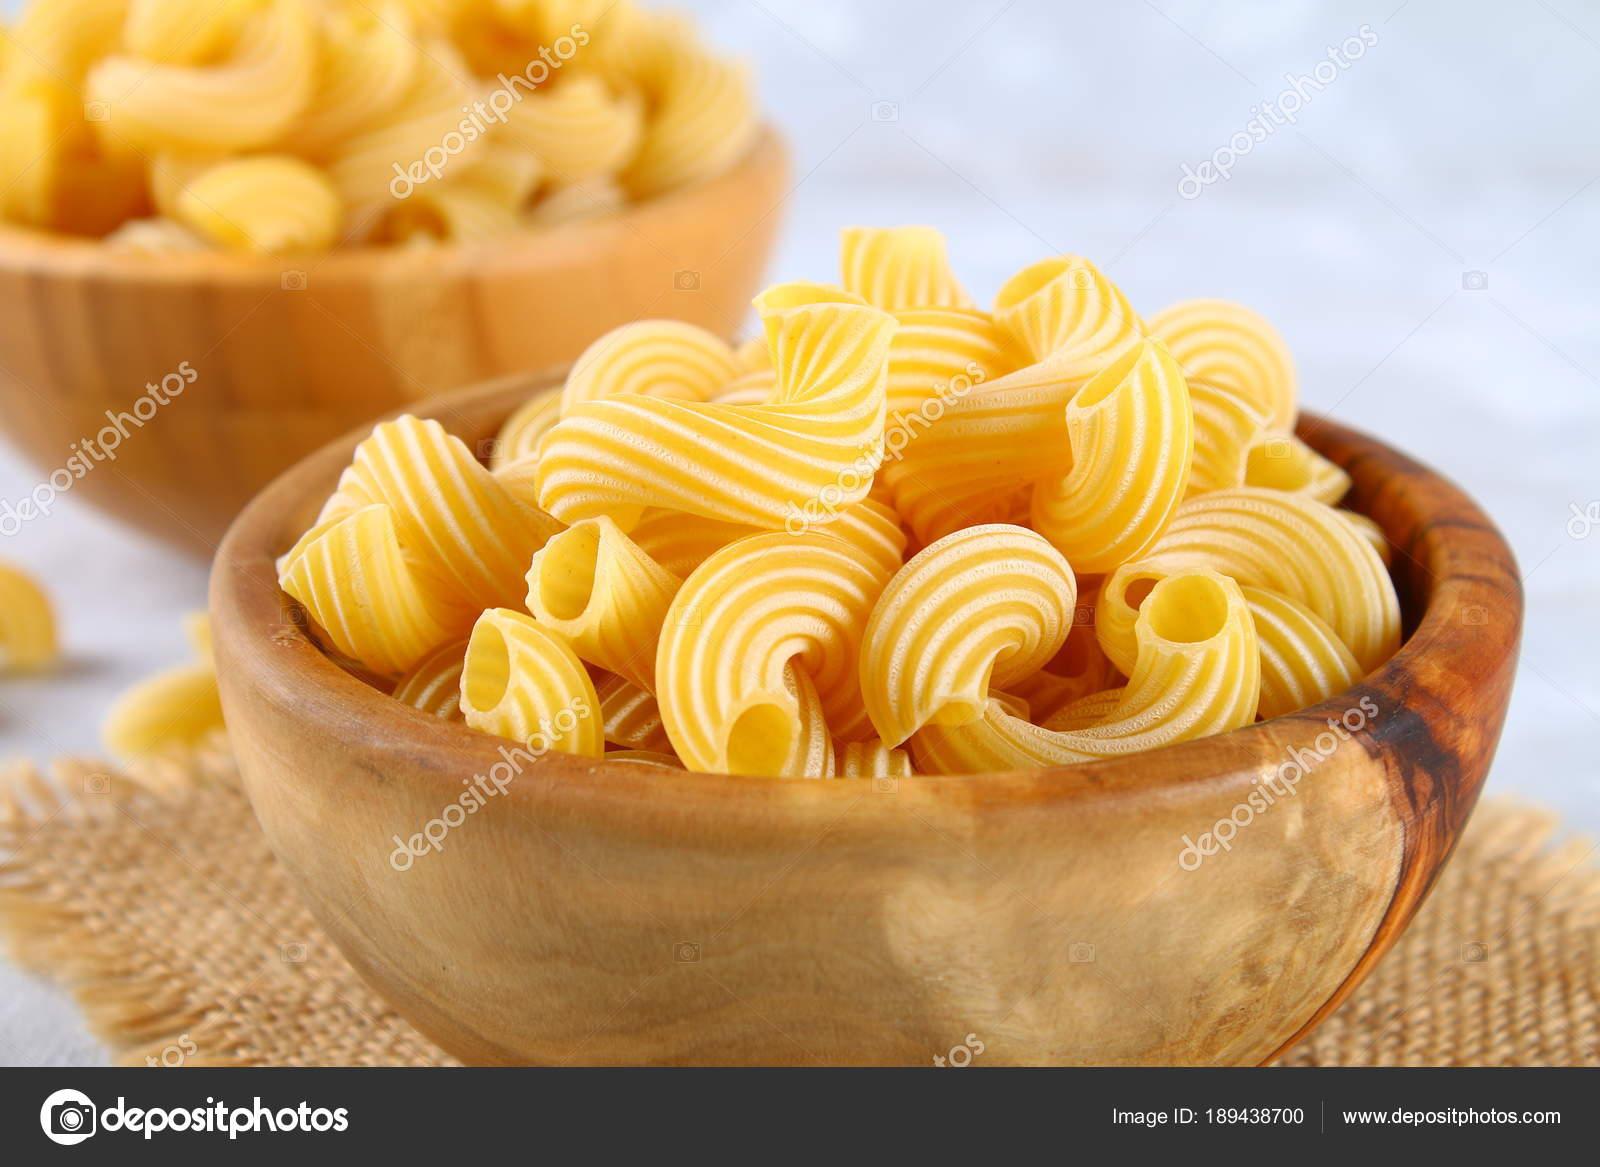 dating cafe cellentani vs cavatappi pasta where to buy